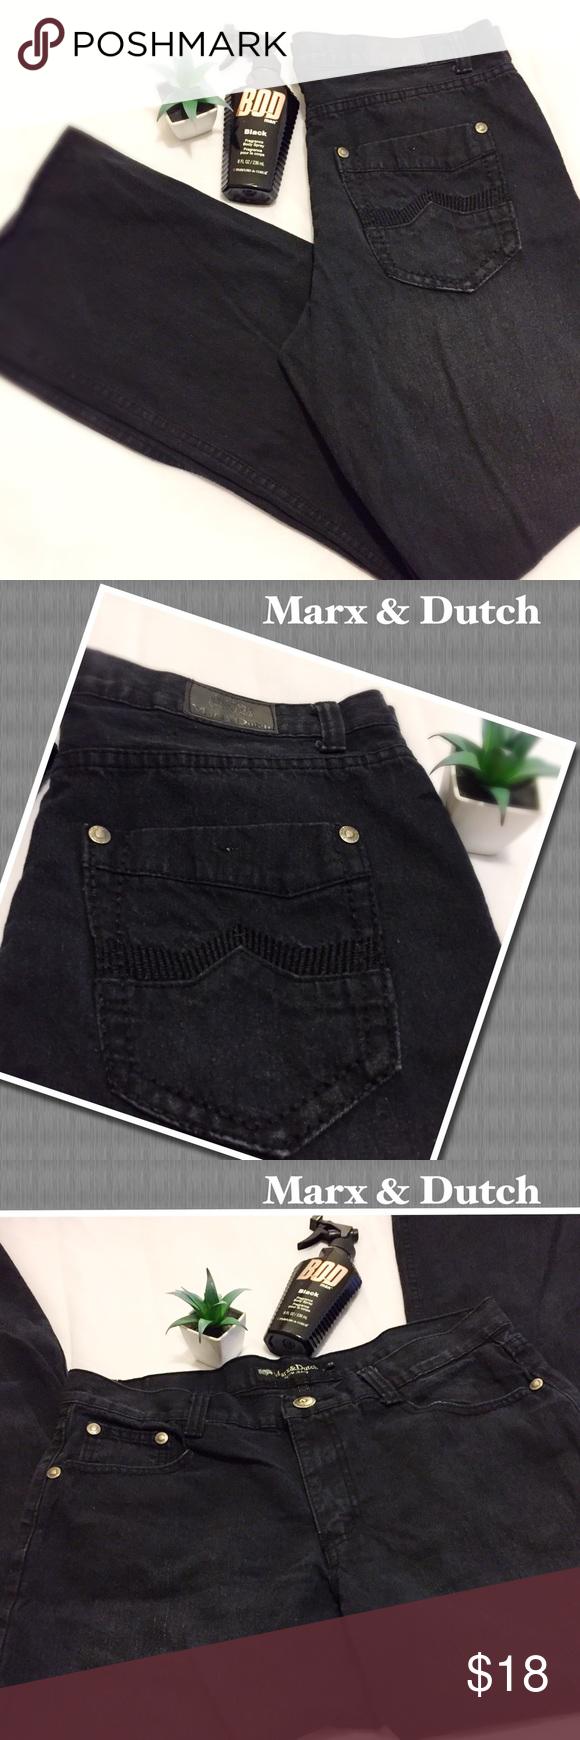 Marx Dutch Men S Jeans Clothes Design Charcoal Color Mens Jeans